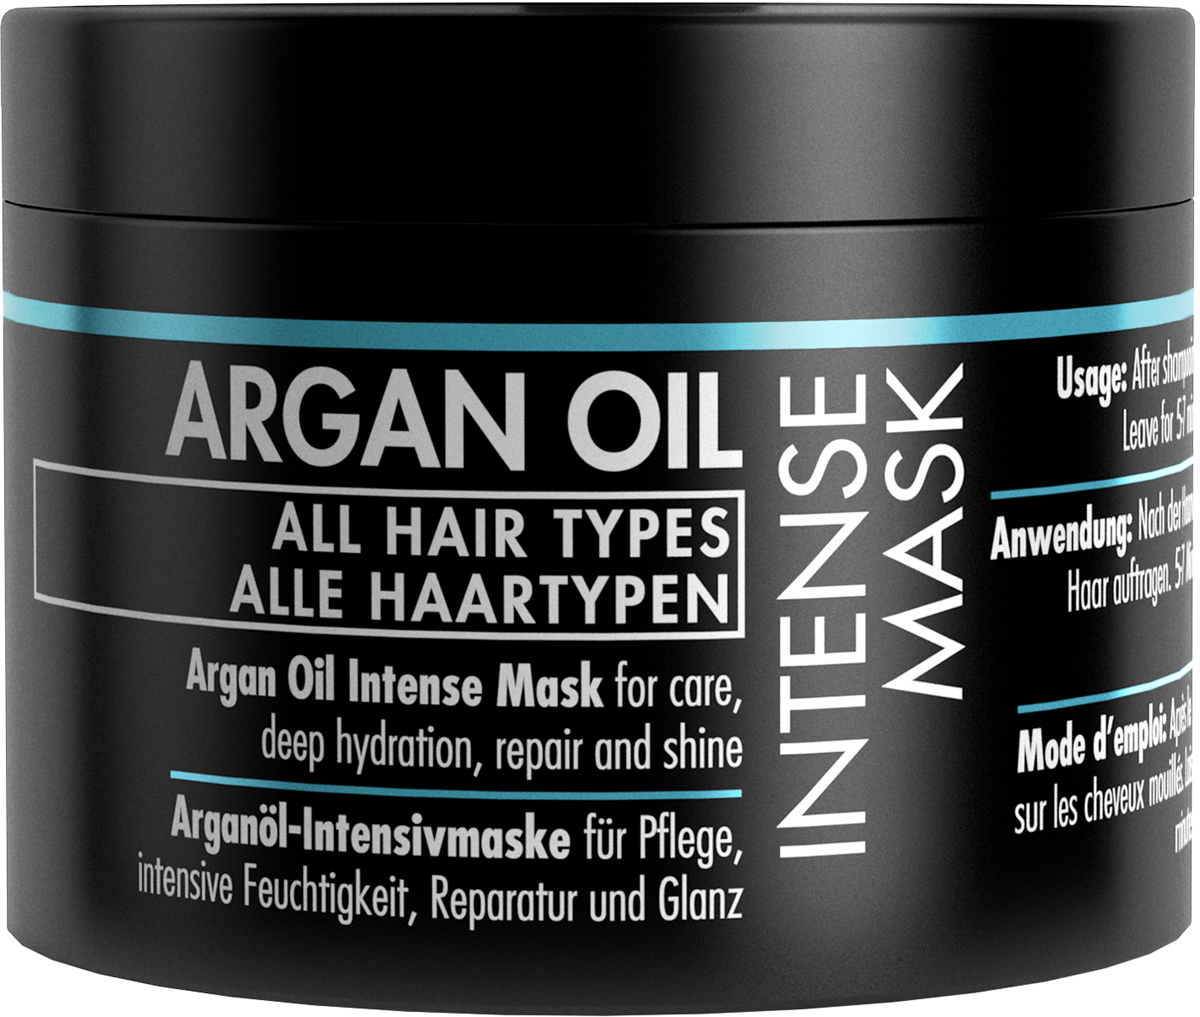 Gosh Маска для волос с аргановым маслом Argan Oil, 175 мл hask argan oil дуо набор для восстановления волос argan oil дуо набор для восстановления волос